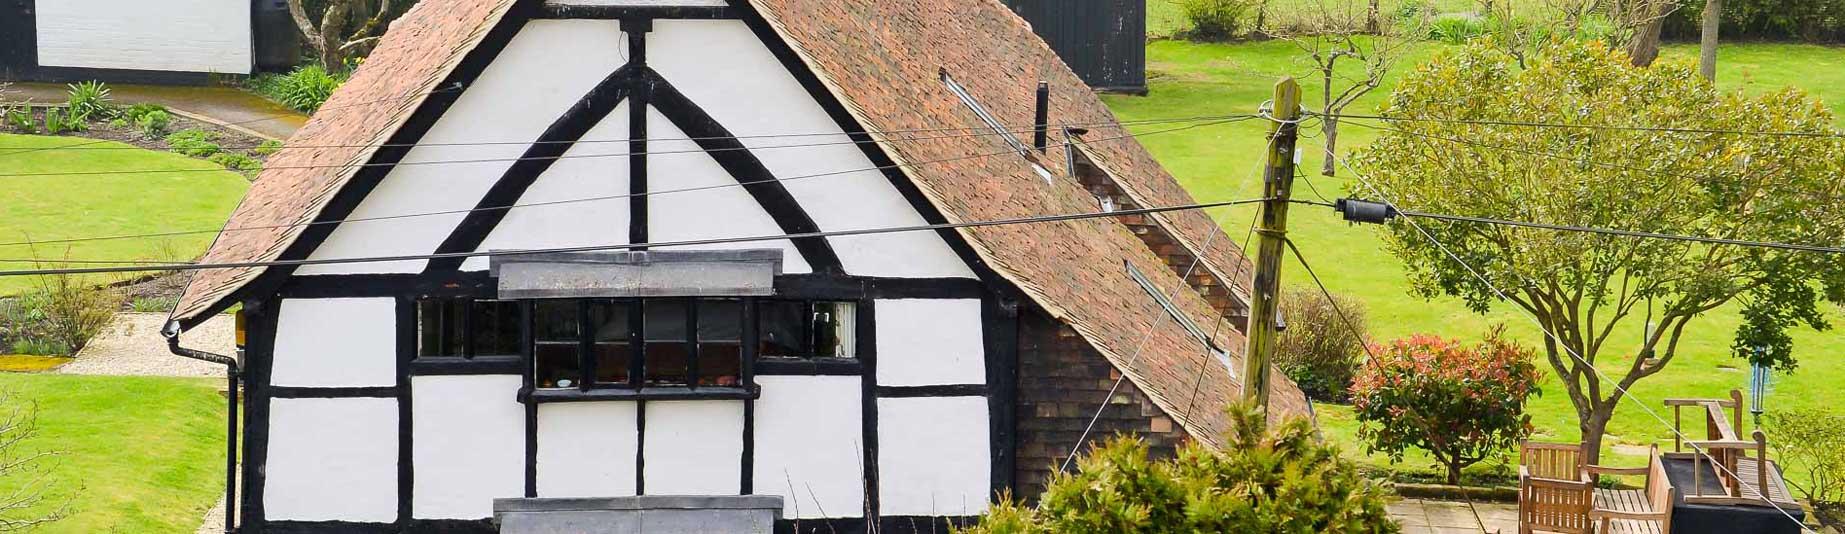 Tenterden Roofing - White Tudor House